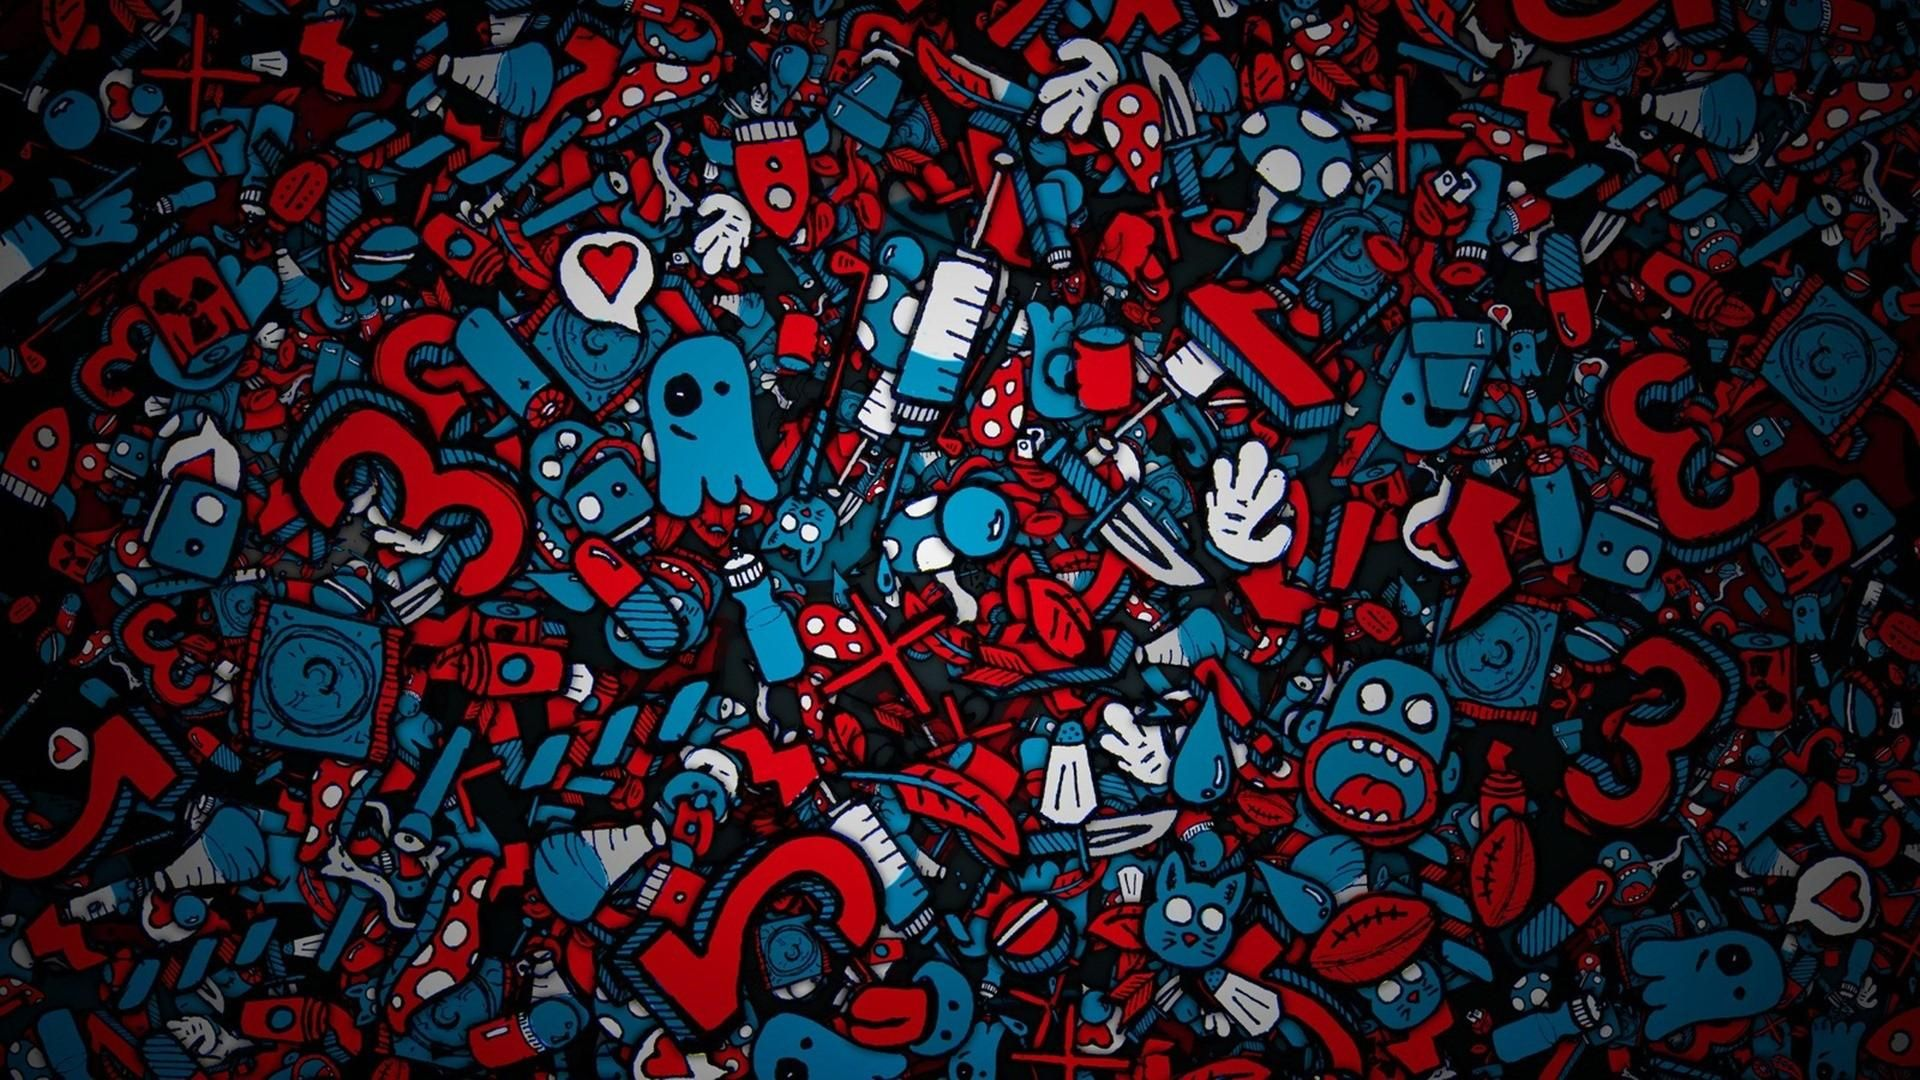 Cool Pc Backgrounds Hd Best Background Images Hd Wallpaper Em 2020 Wallpapers Para Pc Papel De Parede Para Telefone Papel De Parede Celular